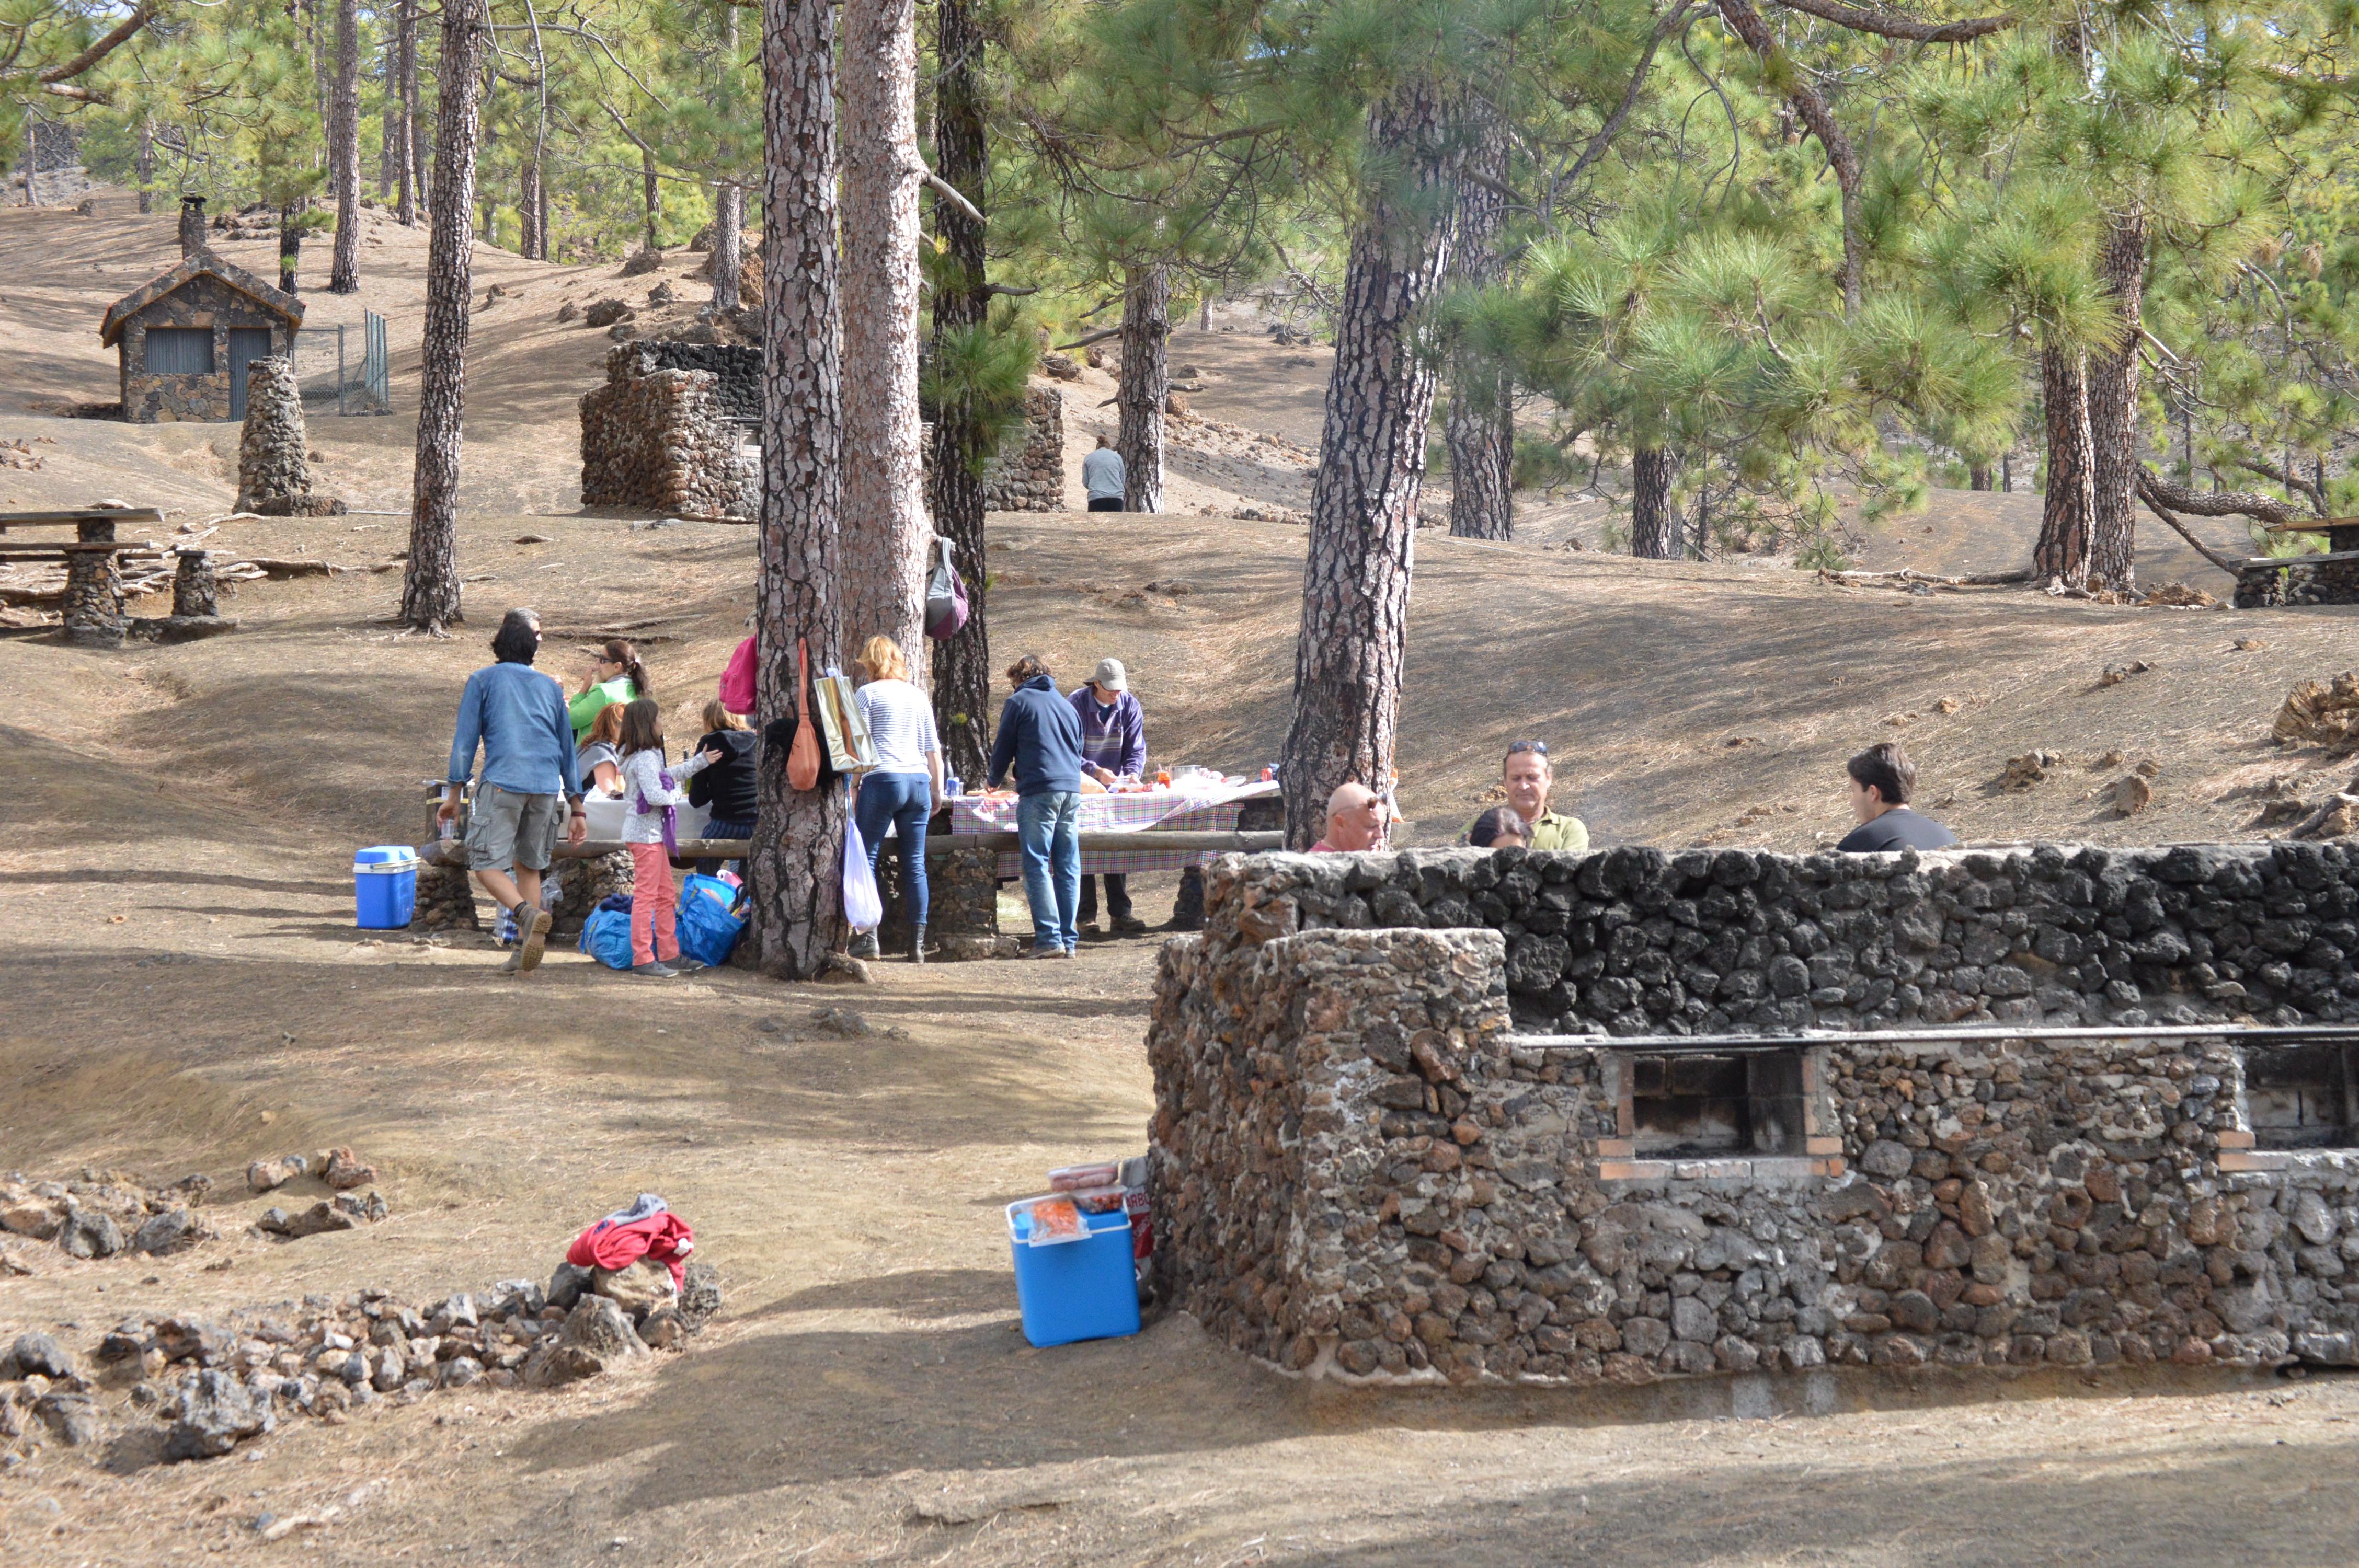 Zona recreativa Chio - Rekreatívna zóna Chio